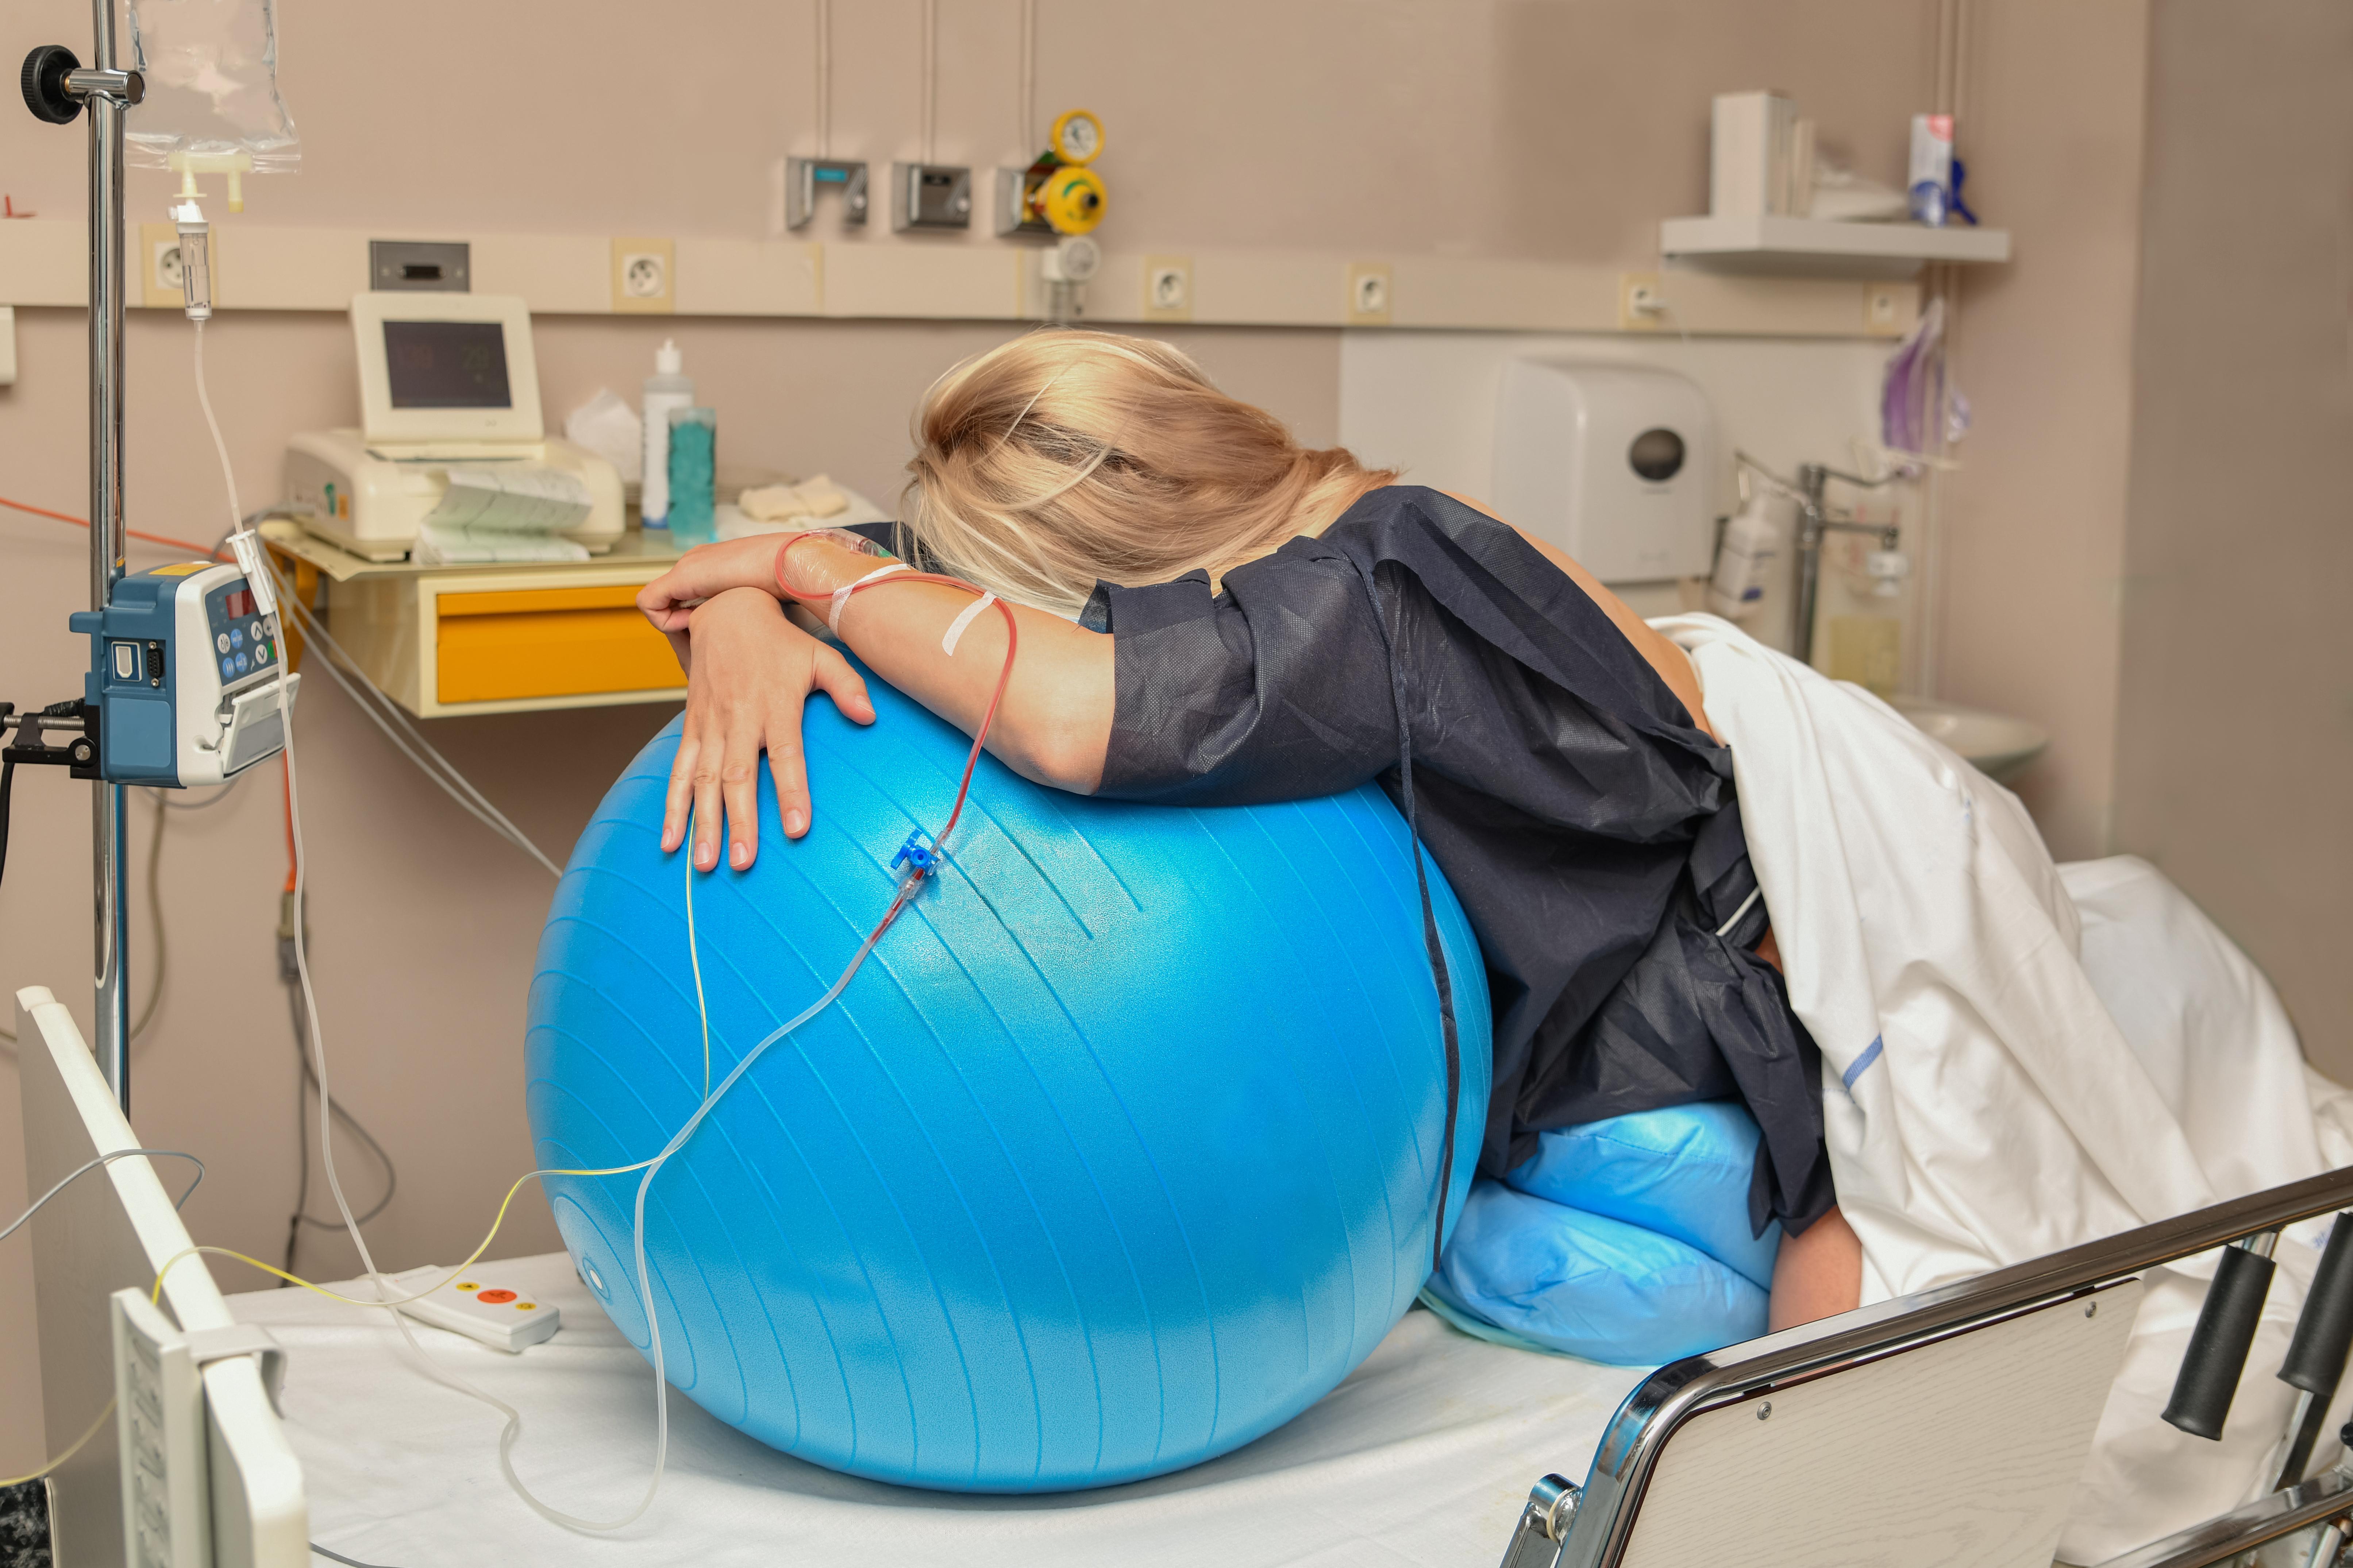 a woman using synthetic oxytocin